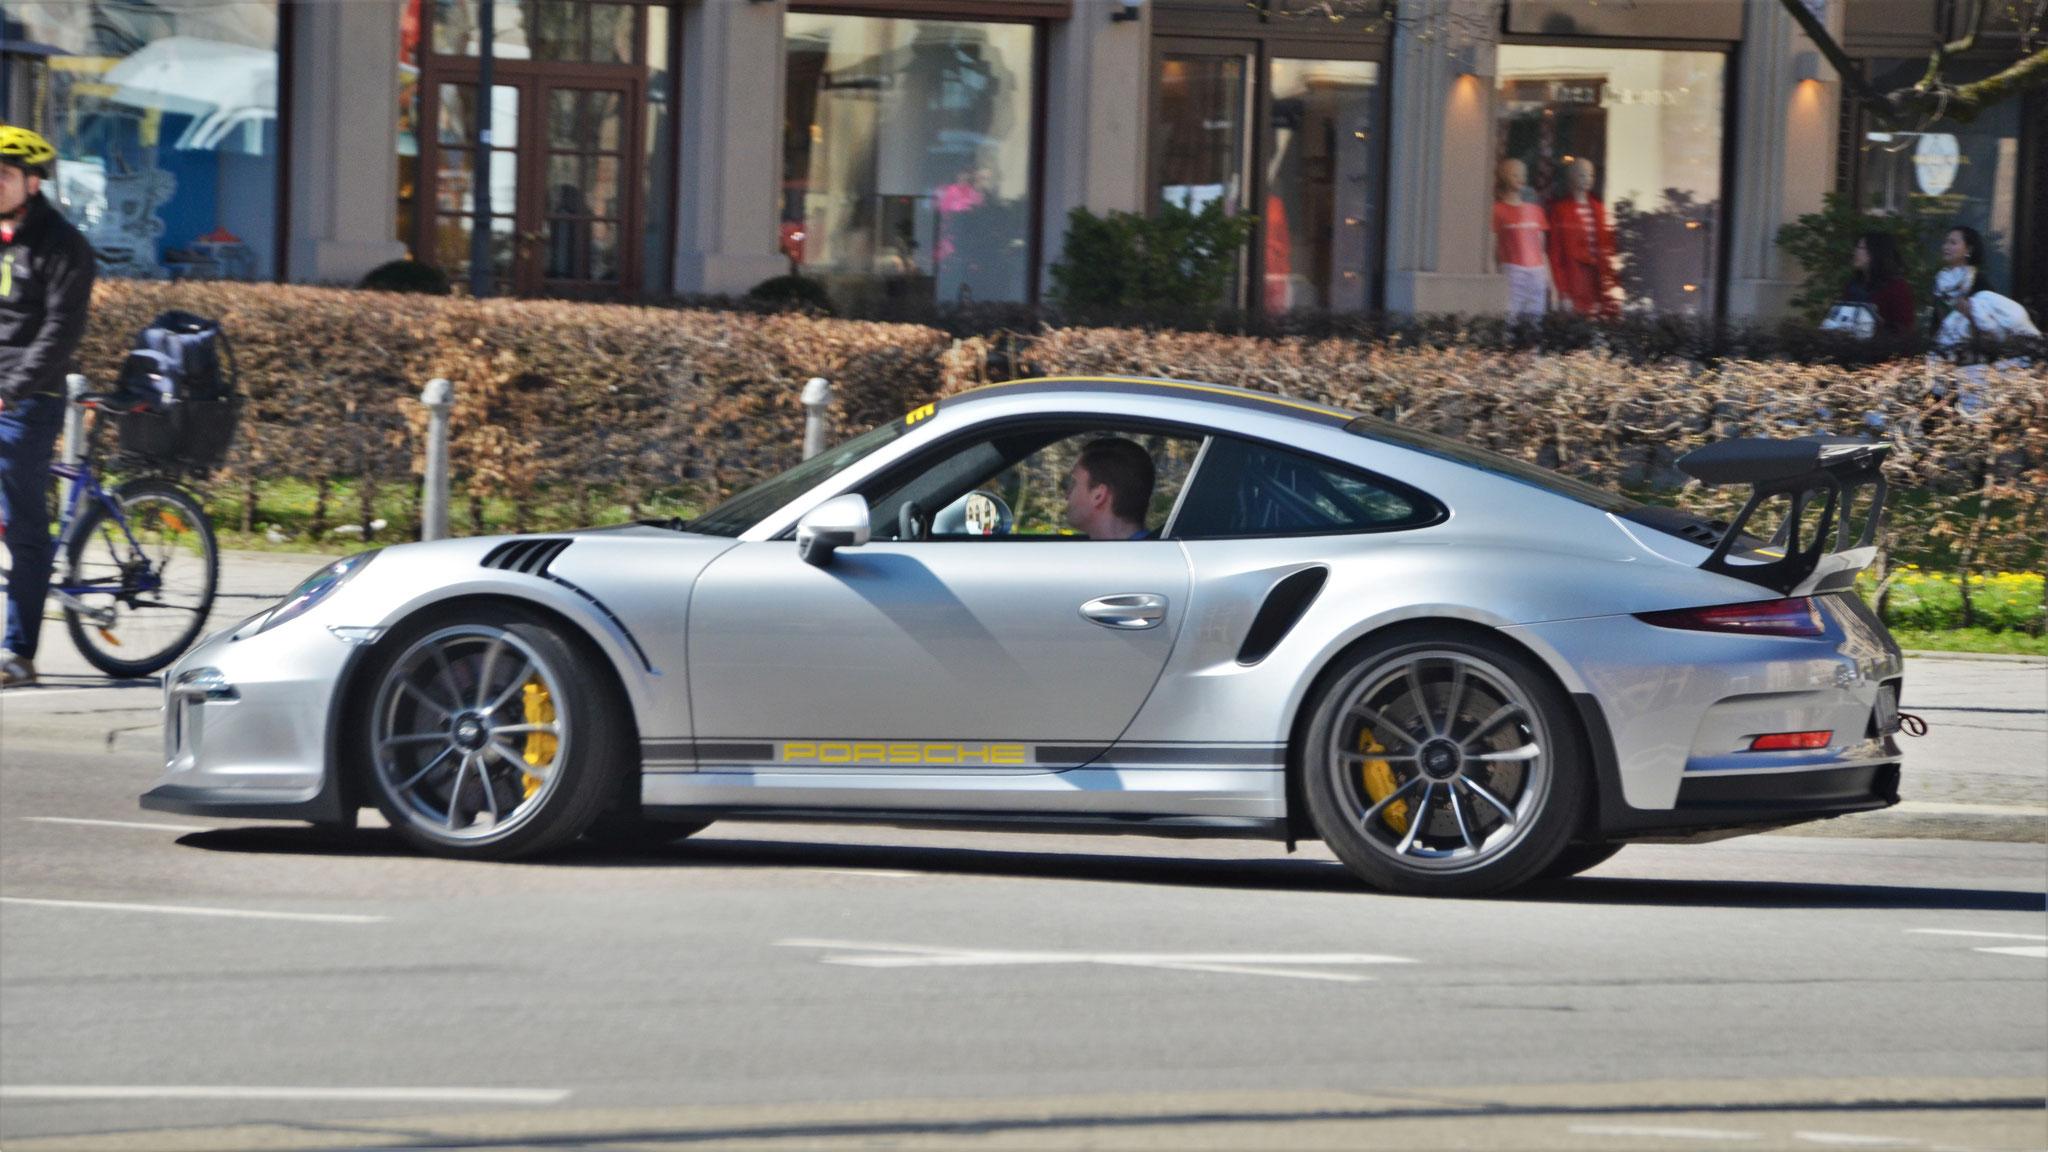 Porsche 911 GT3 RS - M-VL-1089